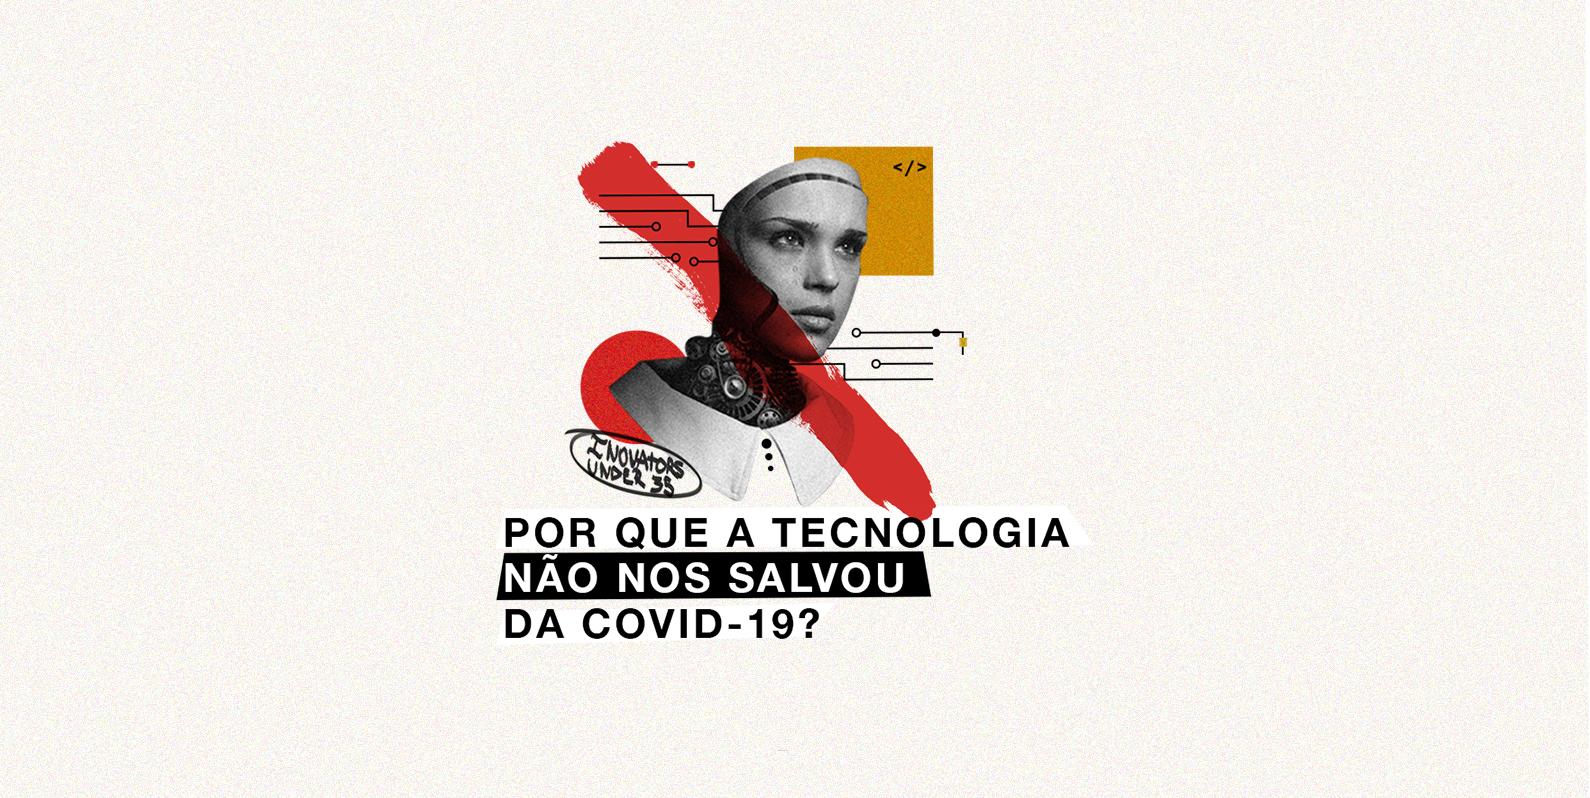 Por que a tecnologia não nos salvou da covid-19?